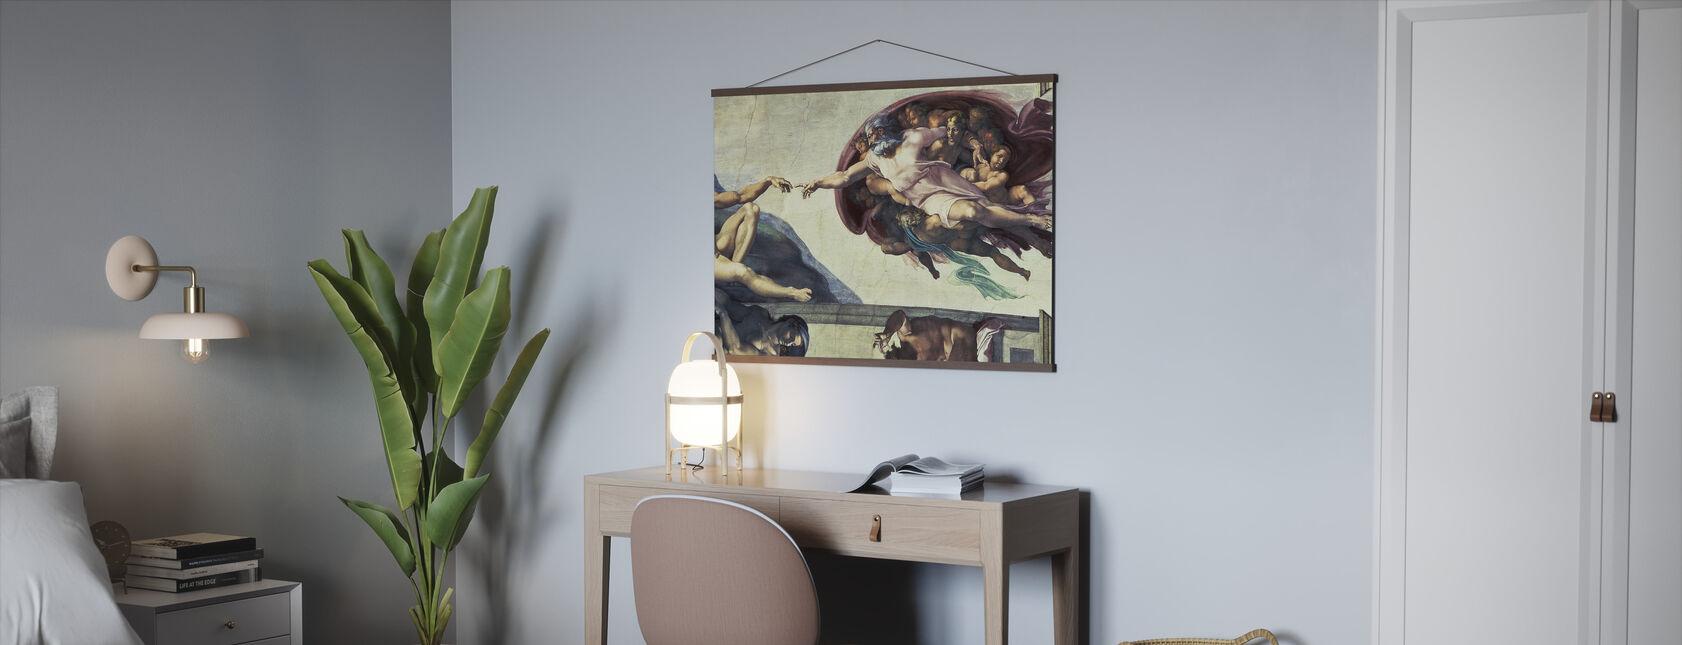 Opprettelse av Adam - Michelangelo Buonarroti - Plakat - Kontor